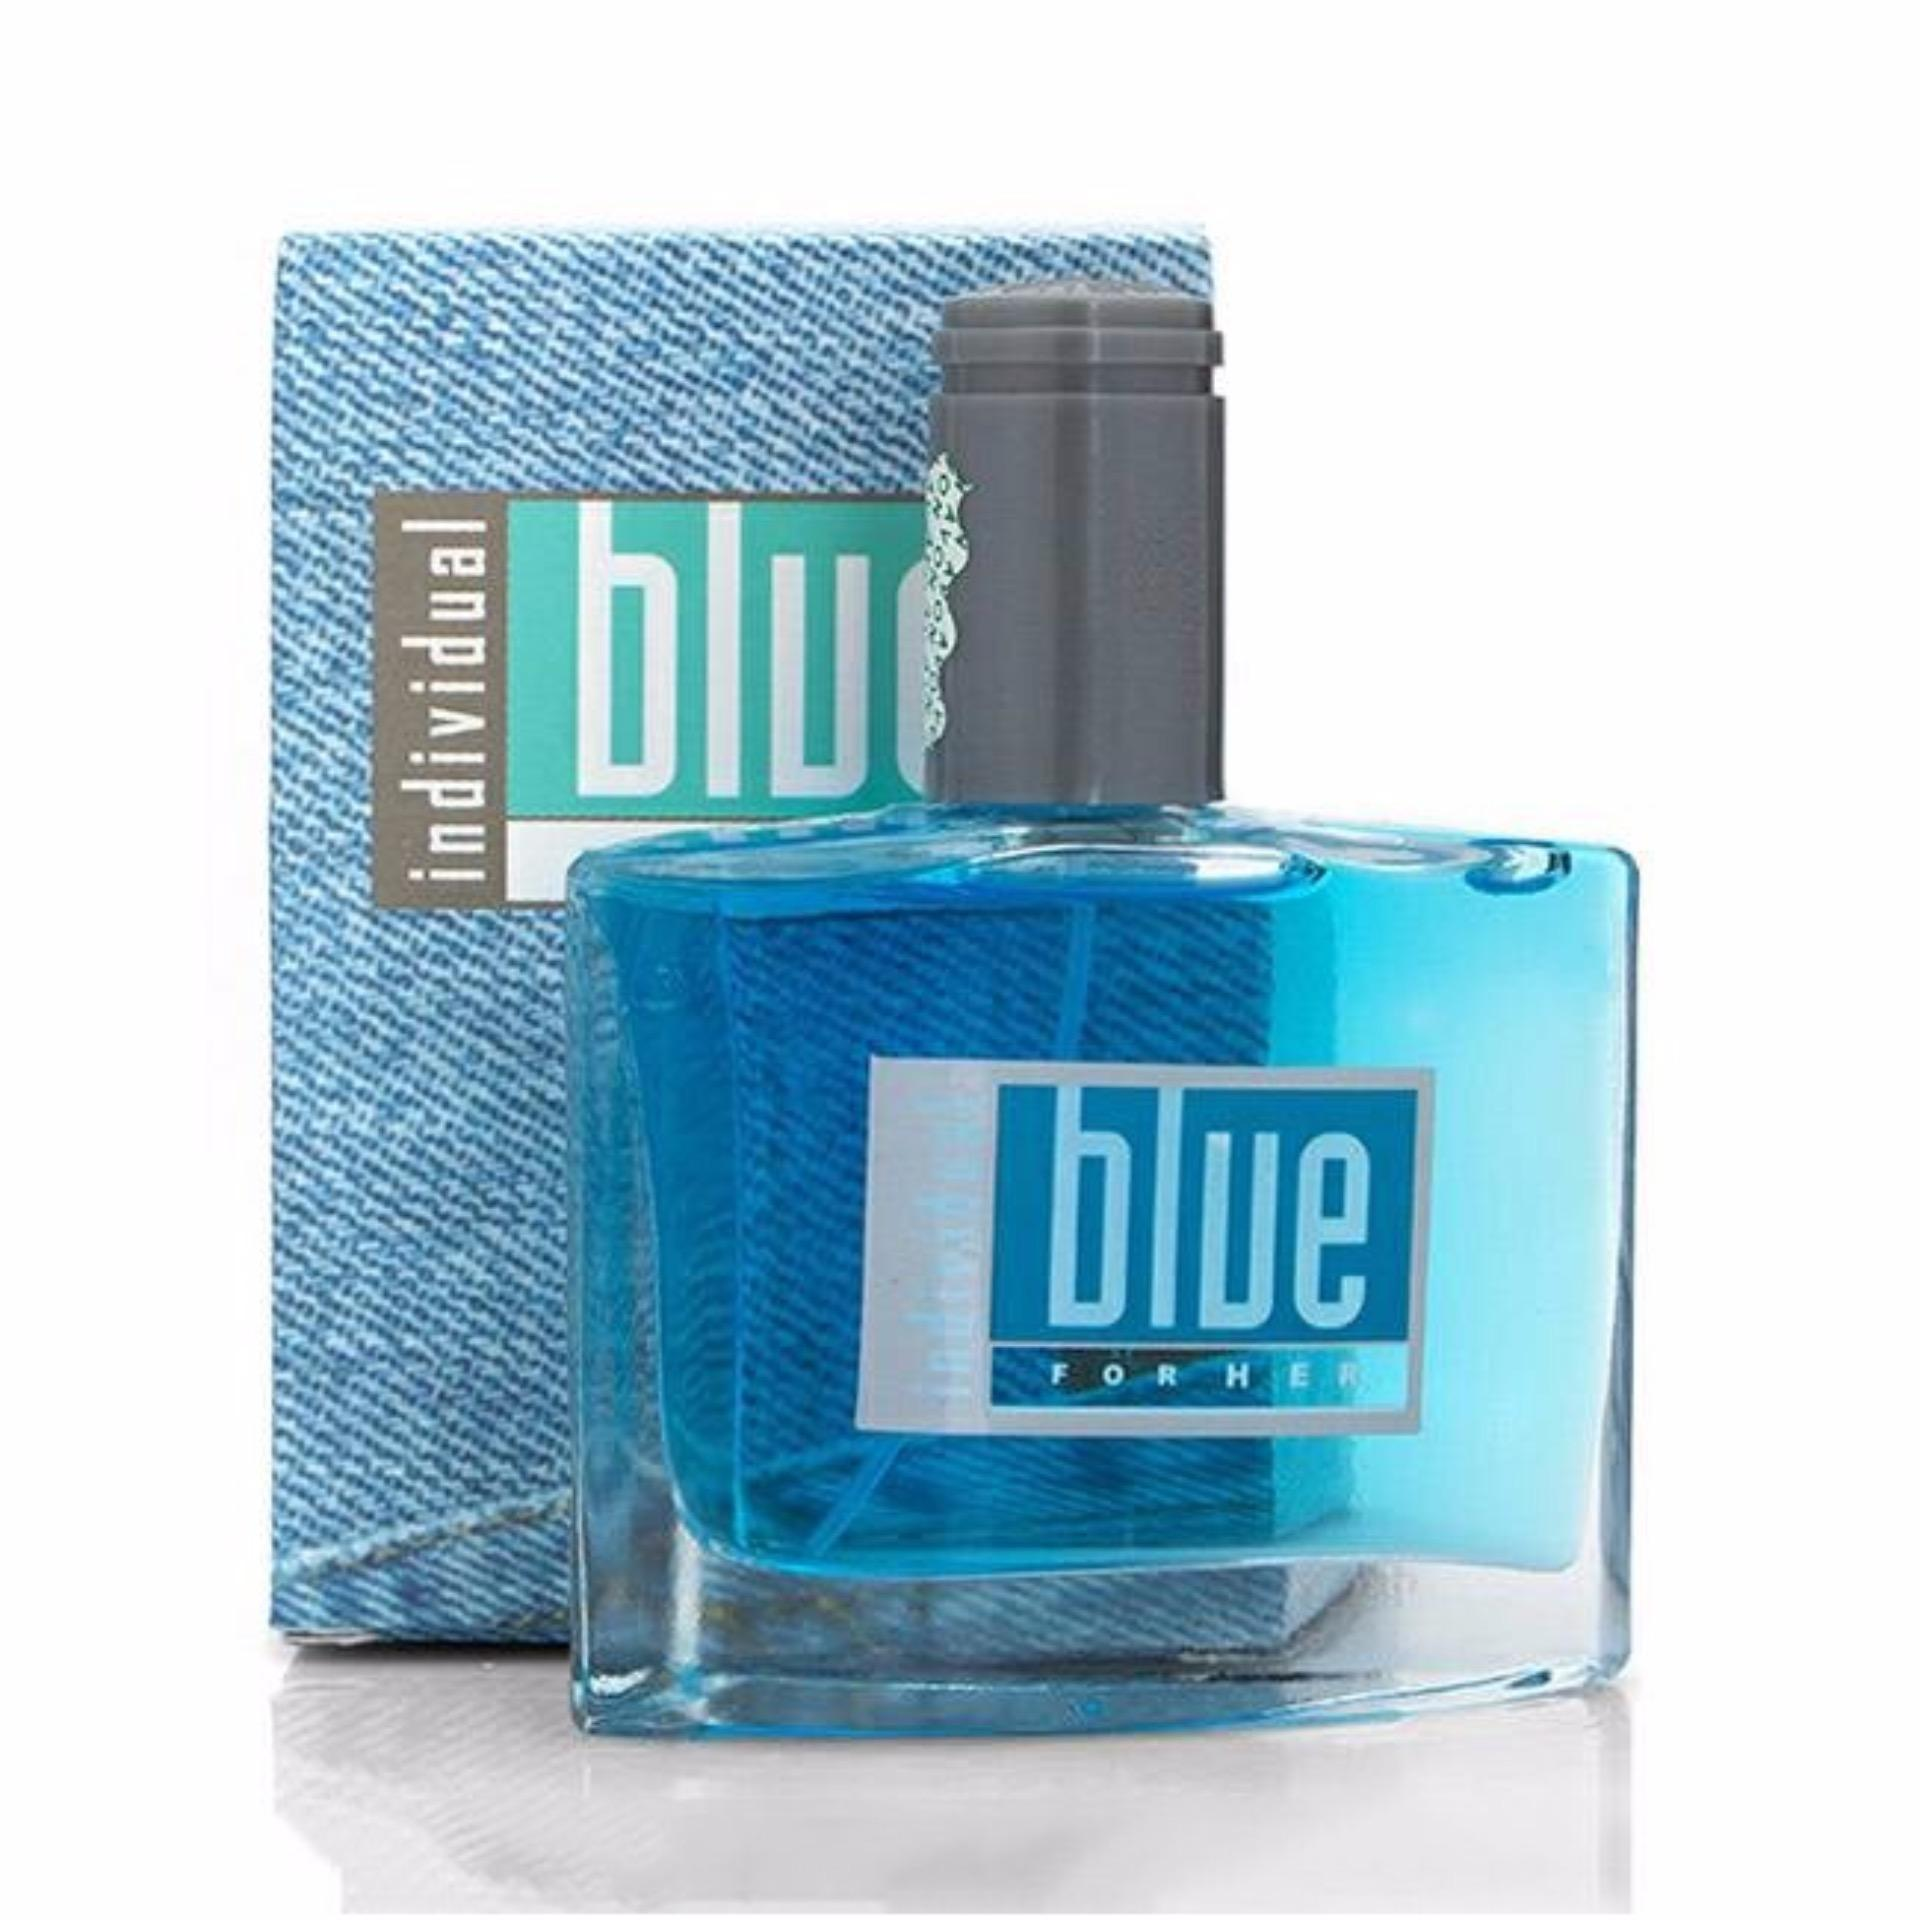 Nước hoa nữ Blue Avon For Her chiết xuất từ hoa hồng - 50 ml